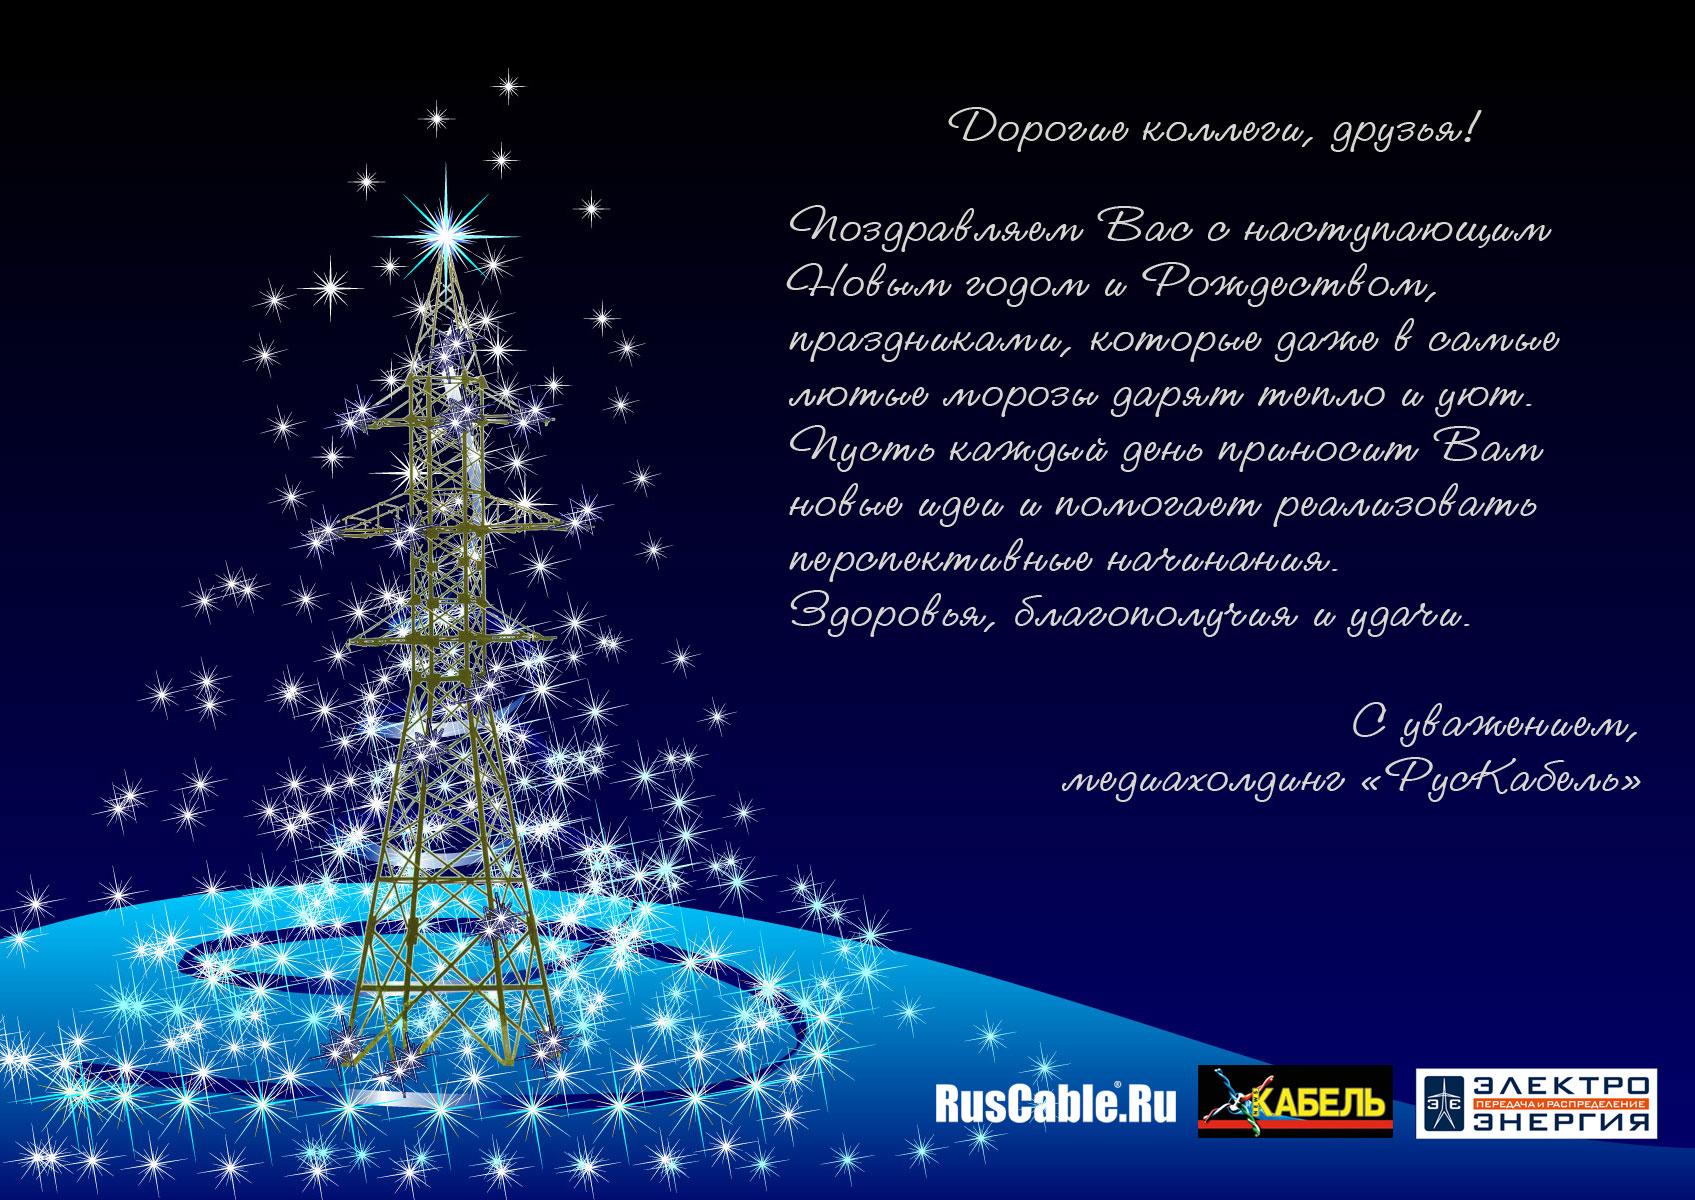 Танцы в Подольске, танцы для детей и взрослых 9